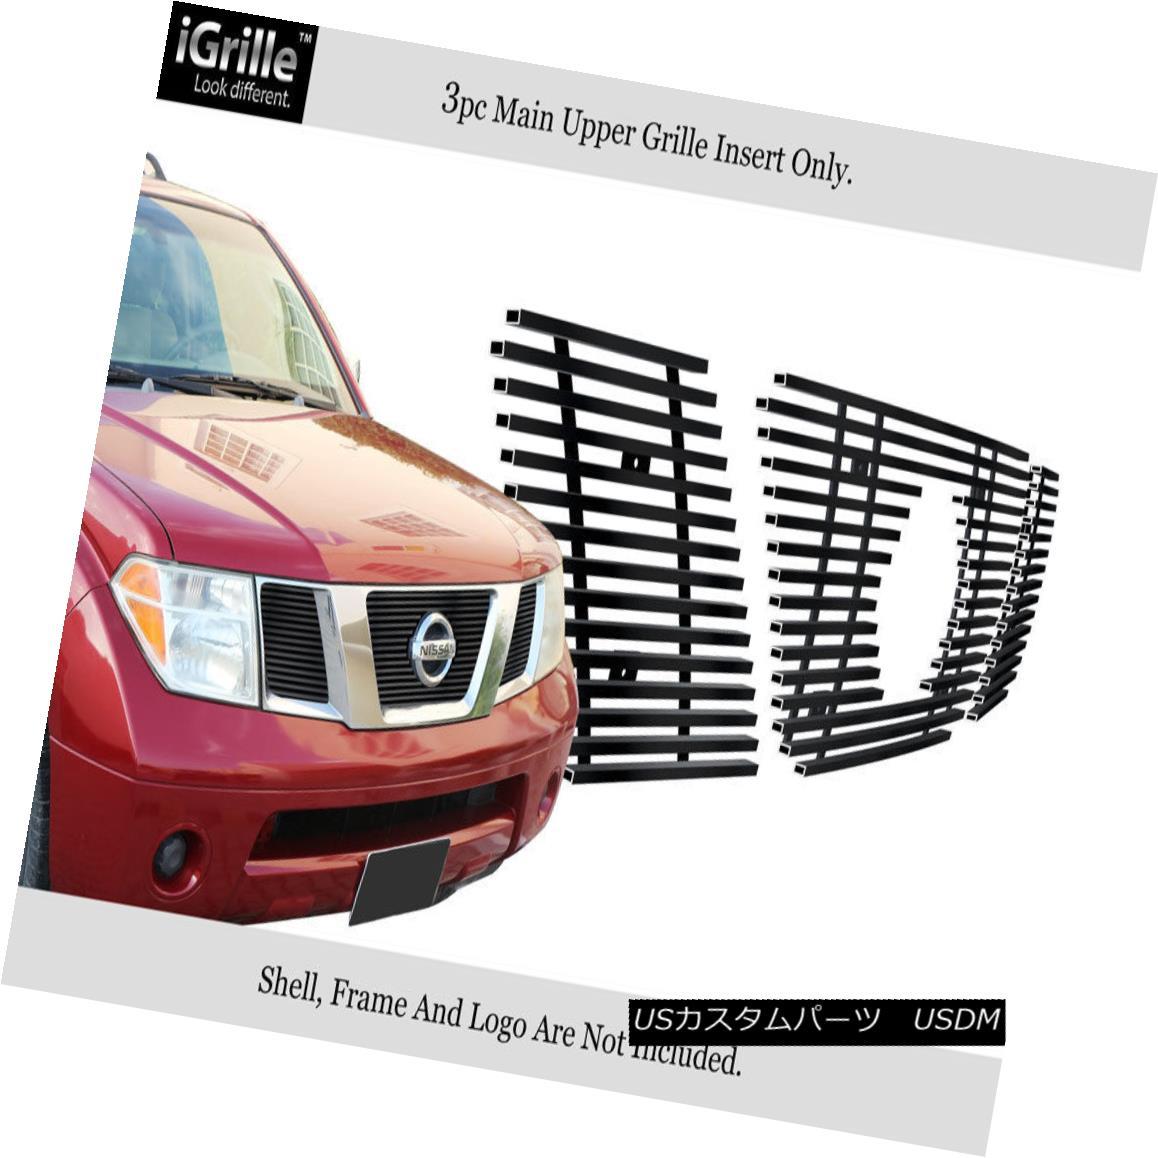 グリル For 2005-2007 Nissan Pathfinder/Frontier Stainless Steel Black Billet Grille 2005-2007 Nissan Pathfinder / Nbrステンレススチールブラックビレットグリル用